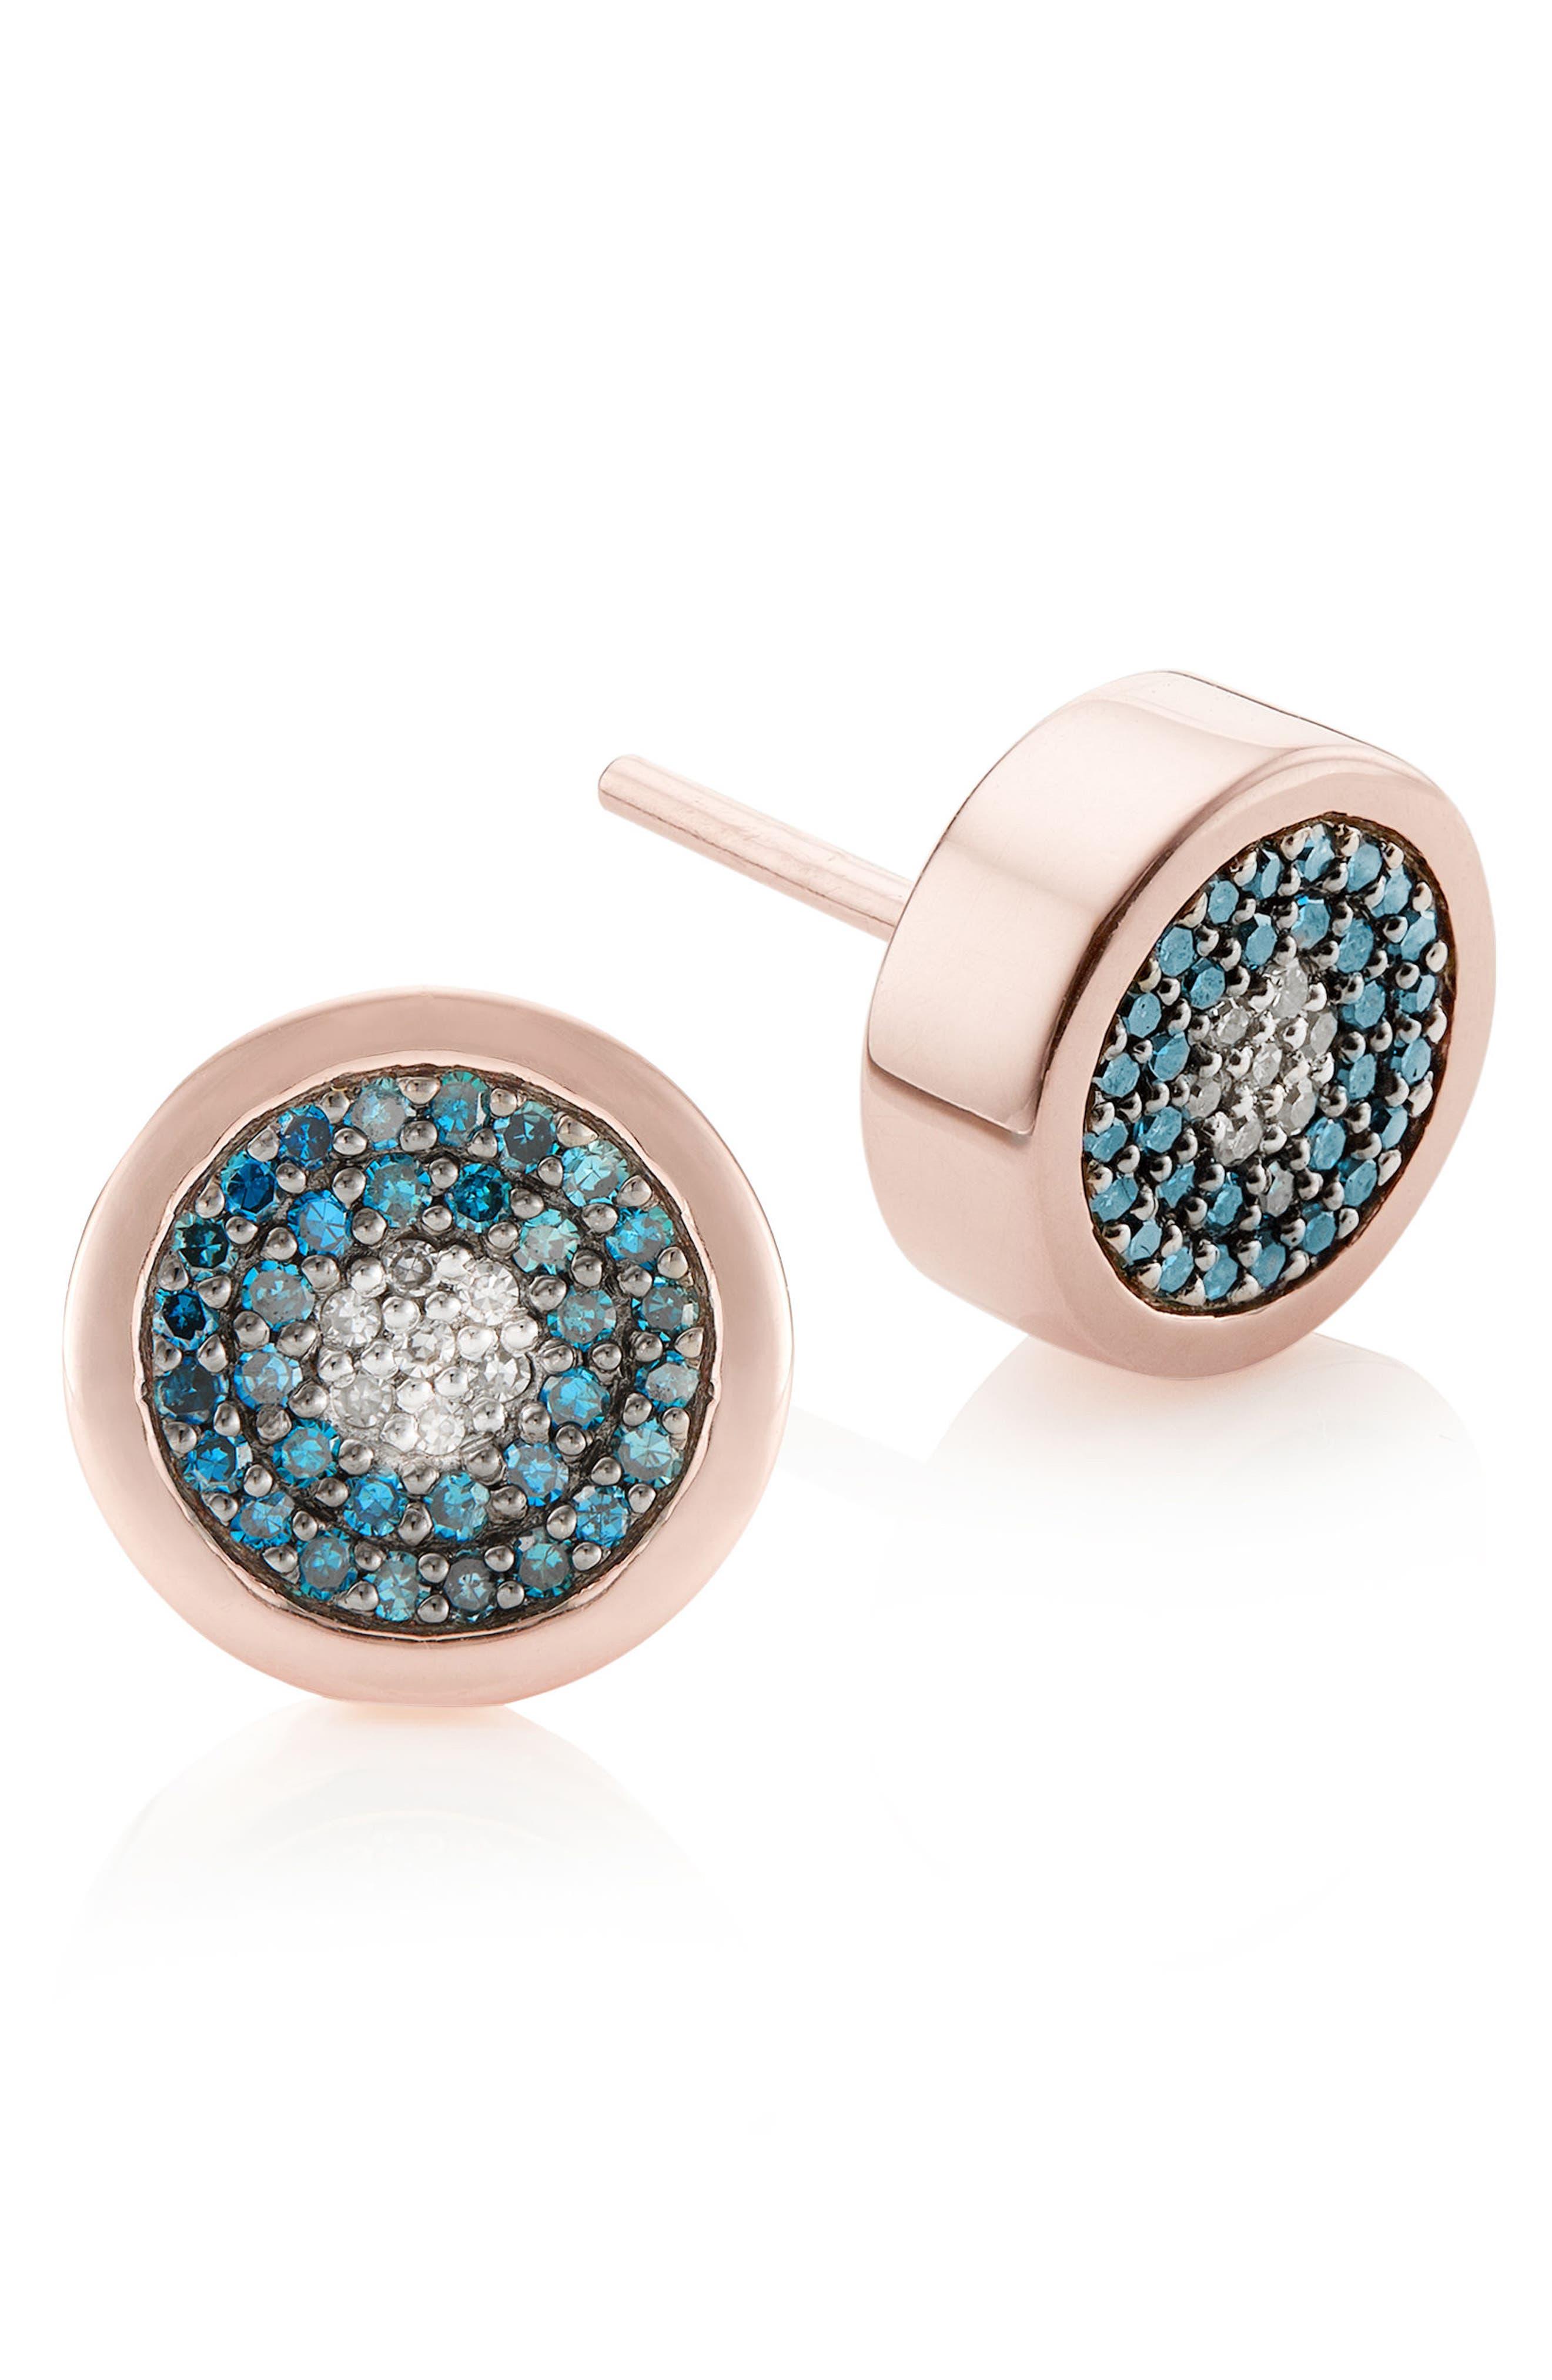 Evil Eye Stud Diamond Earrings,                             Alternate thumbnail 3, color,                             Rose Gold/ Blue Diamond